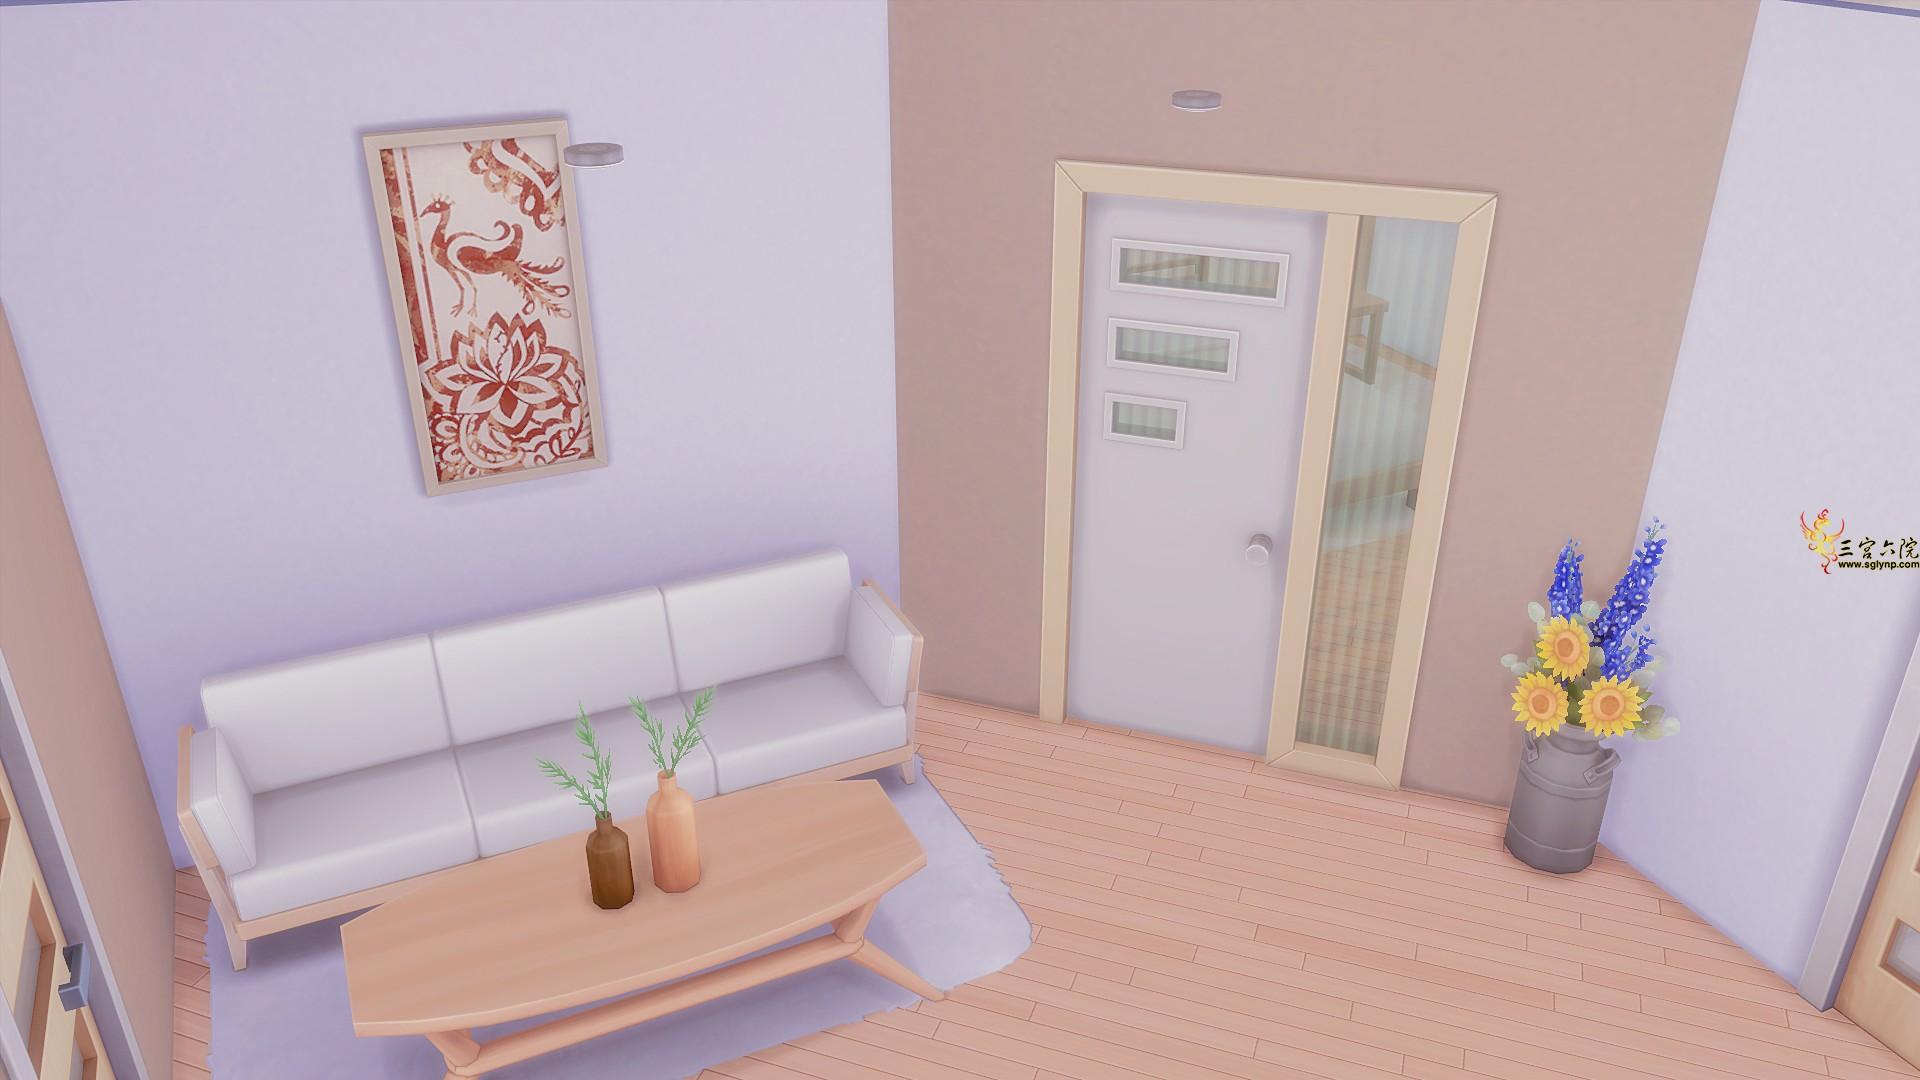 Sims 4 Screenshot 2021.02.14 - 14.10.28.13.png